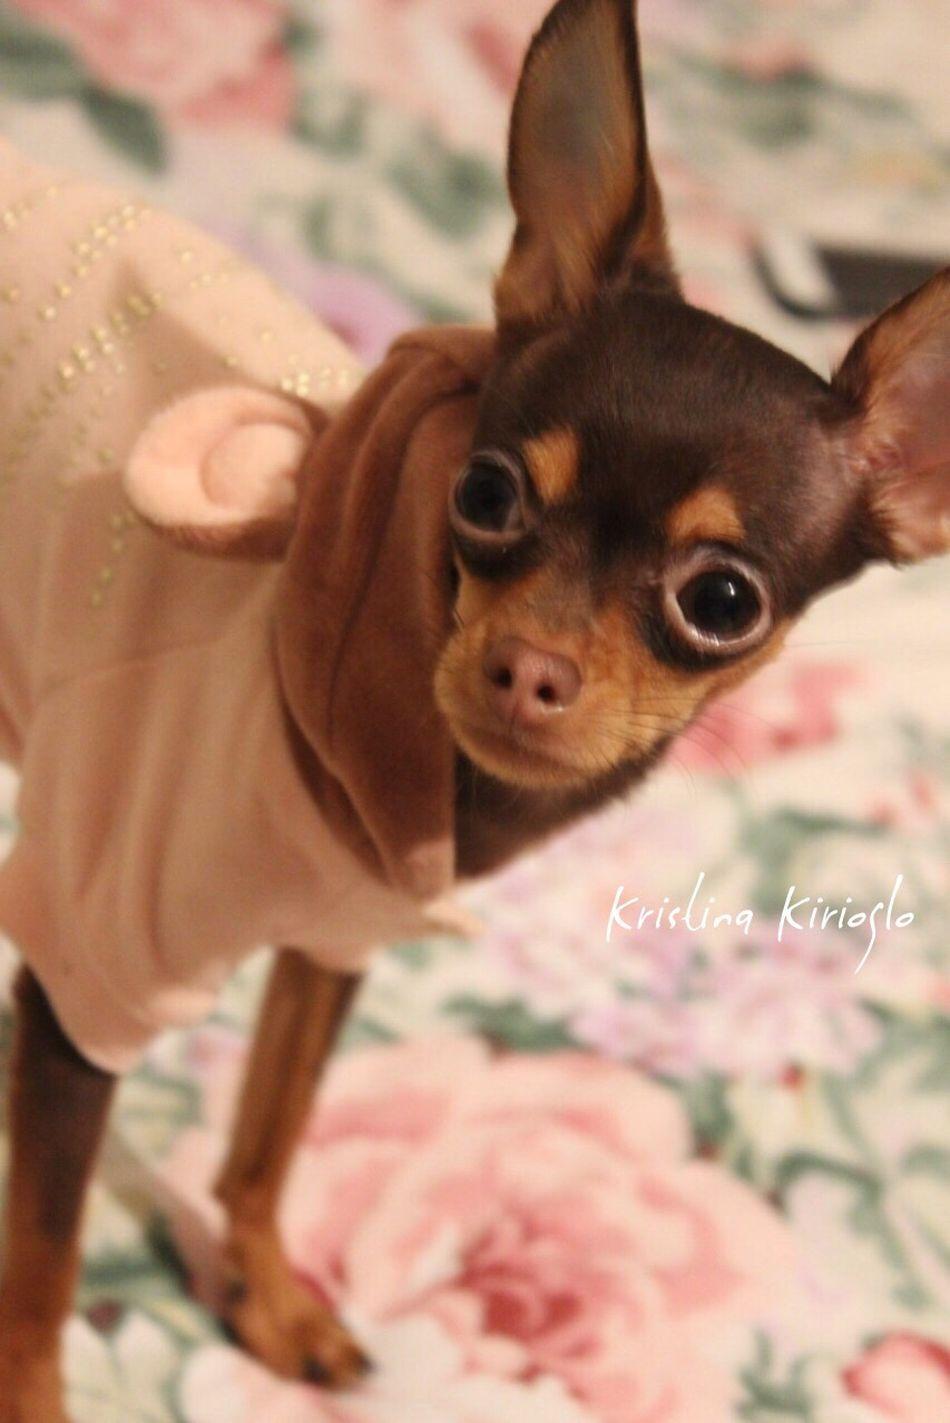 Russiantoyterrier Russiantoy Russiantoyterier Dog Mydog Animal Prettywoman Sweetpuppy Puppy Mypuppy русскийтойтерьер русскийтой щеночек